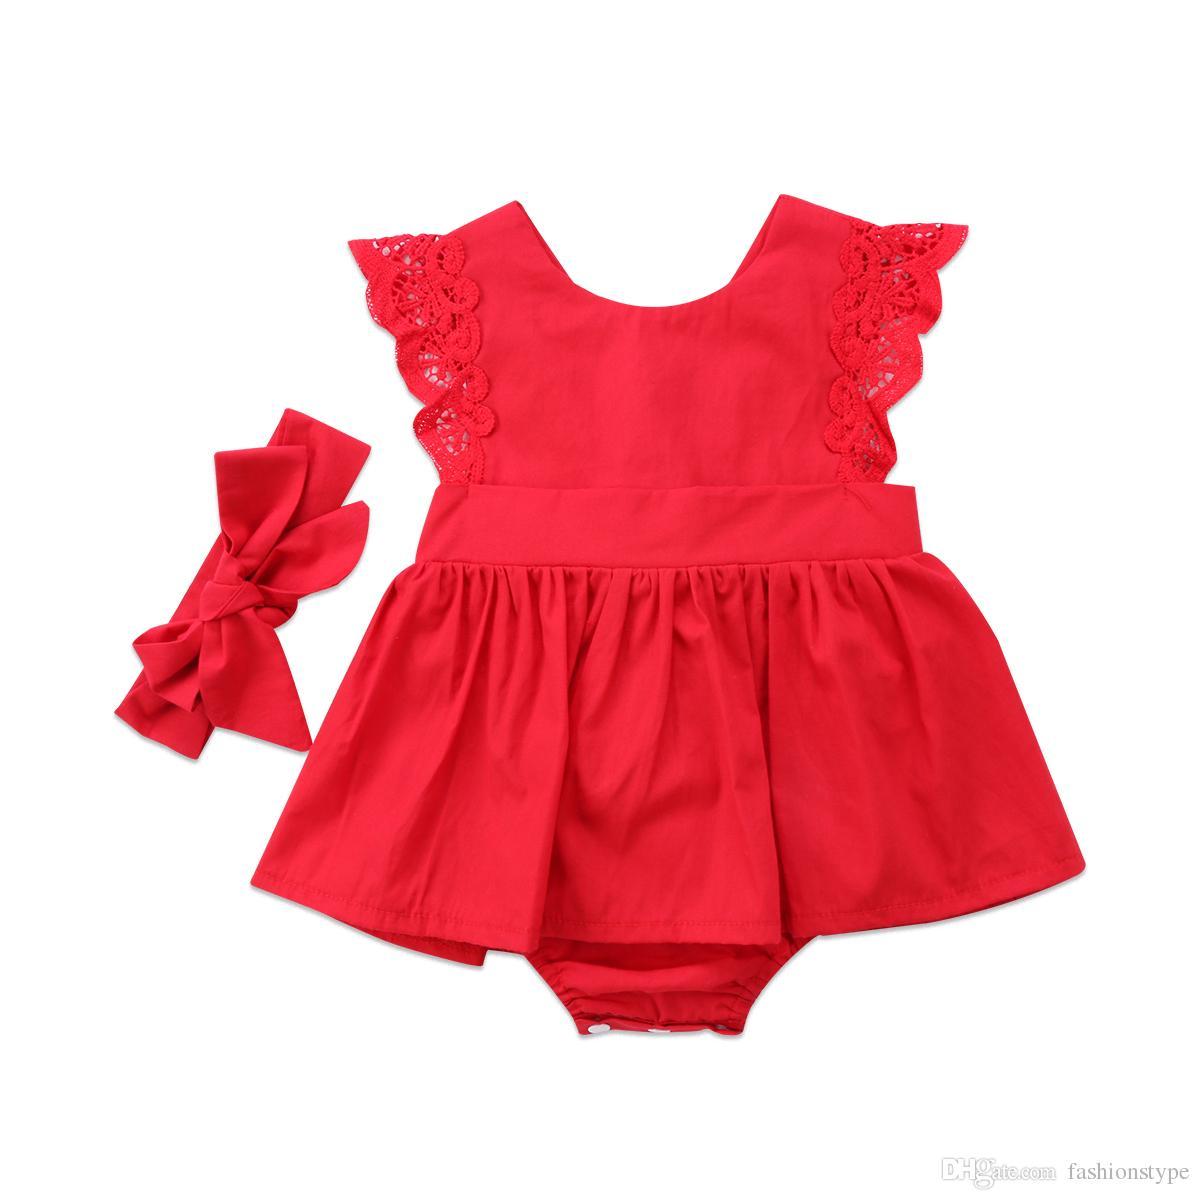 Neue arriavl weihnachten rüschen rote spitze strampler dress baby mädchen schwester prinzessin kinder weihnachten party kleider baumwolle neugeborenen kostüm